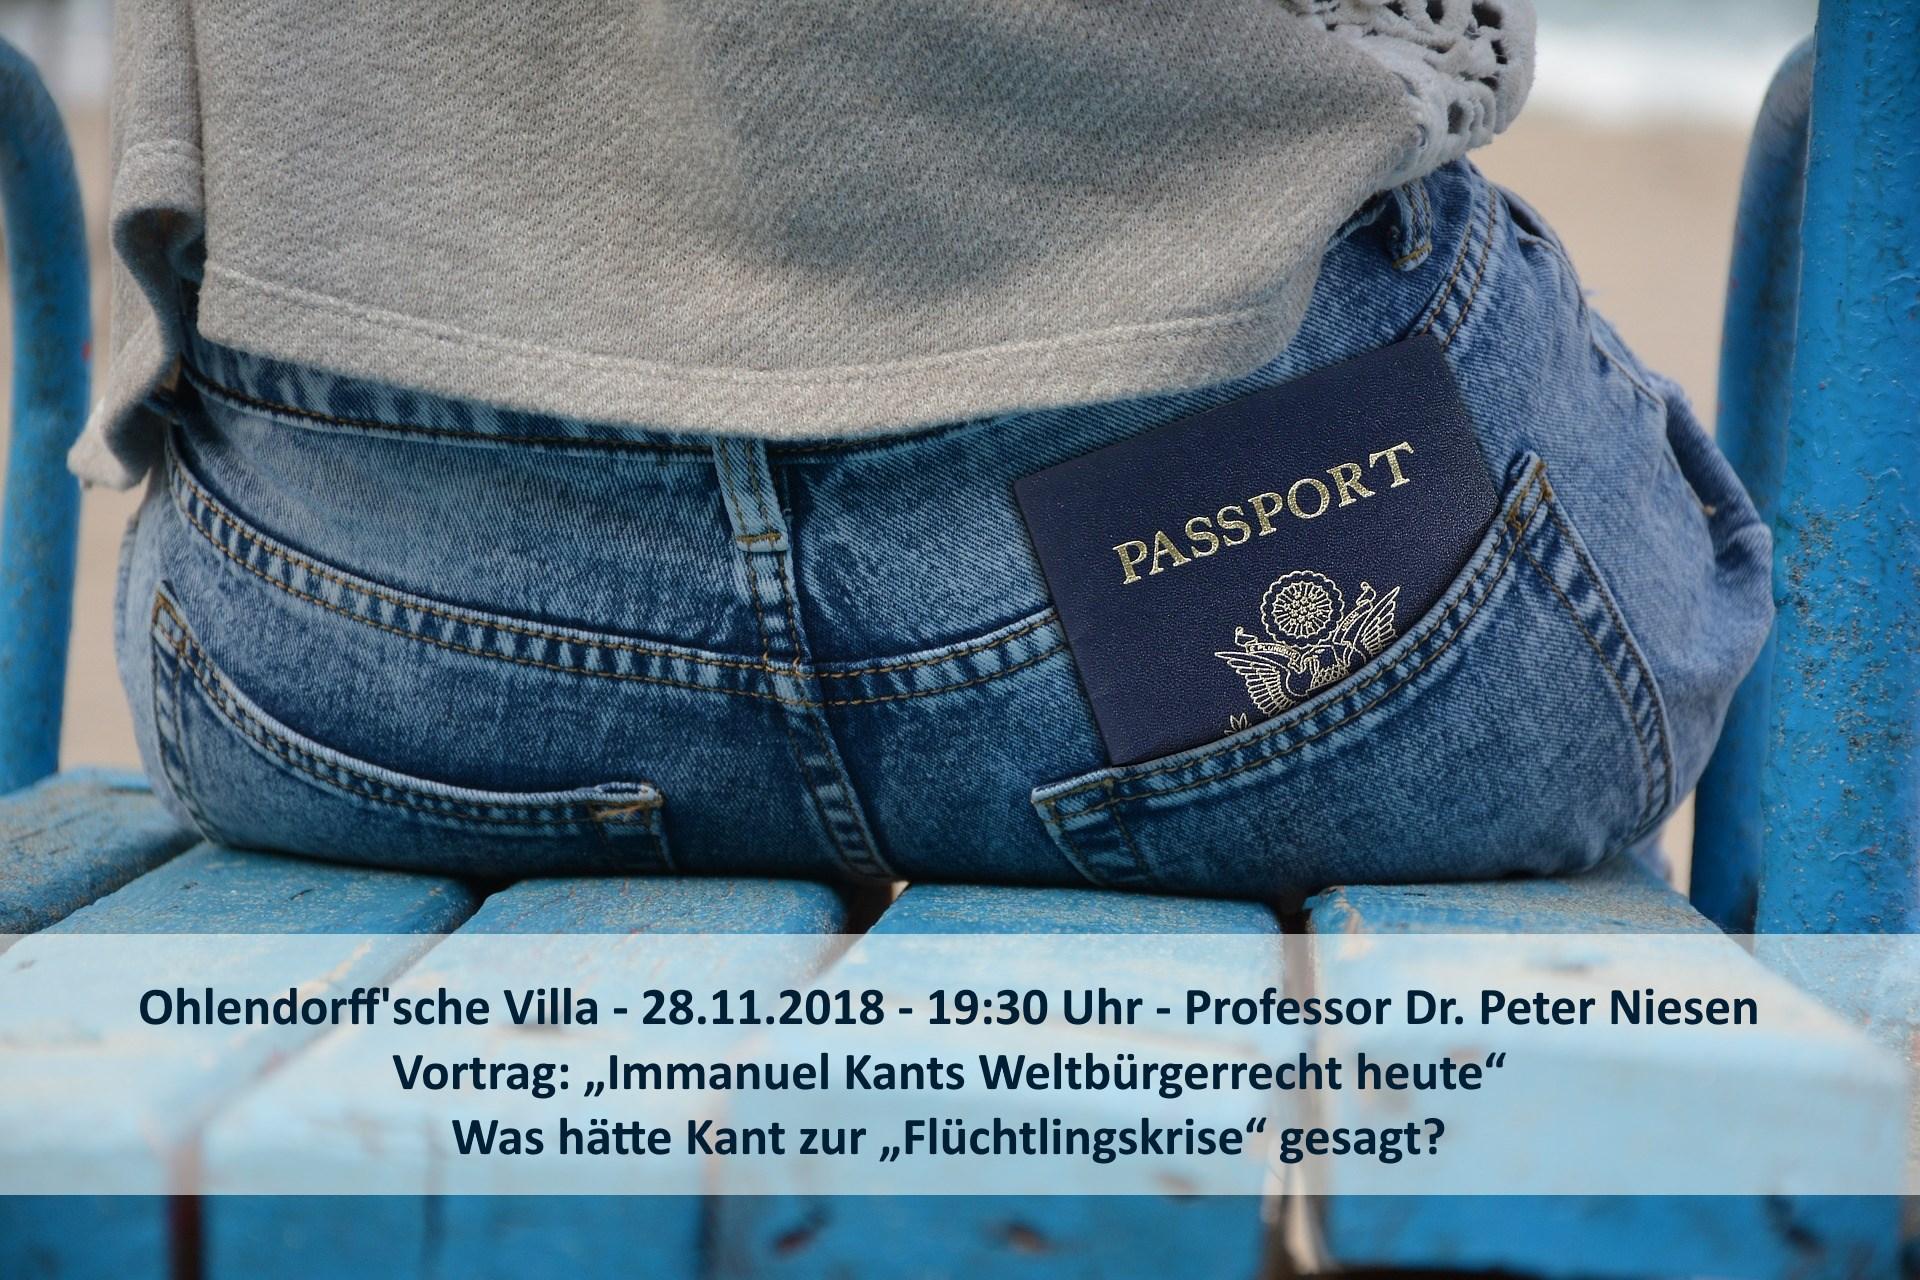 Professor Dr. Peter Niesen Immanuel Kants Weltbürgerrecht heute